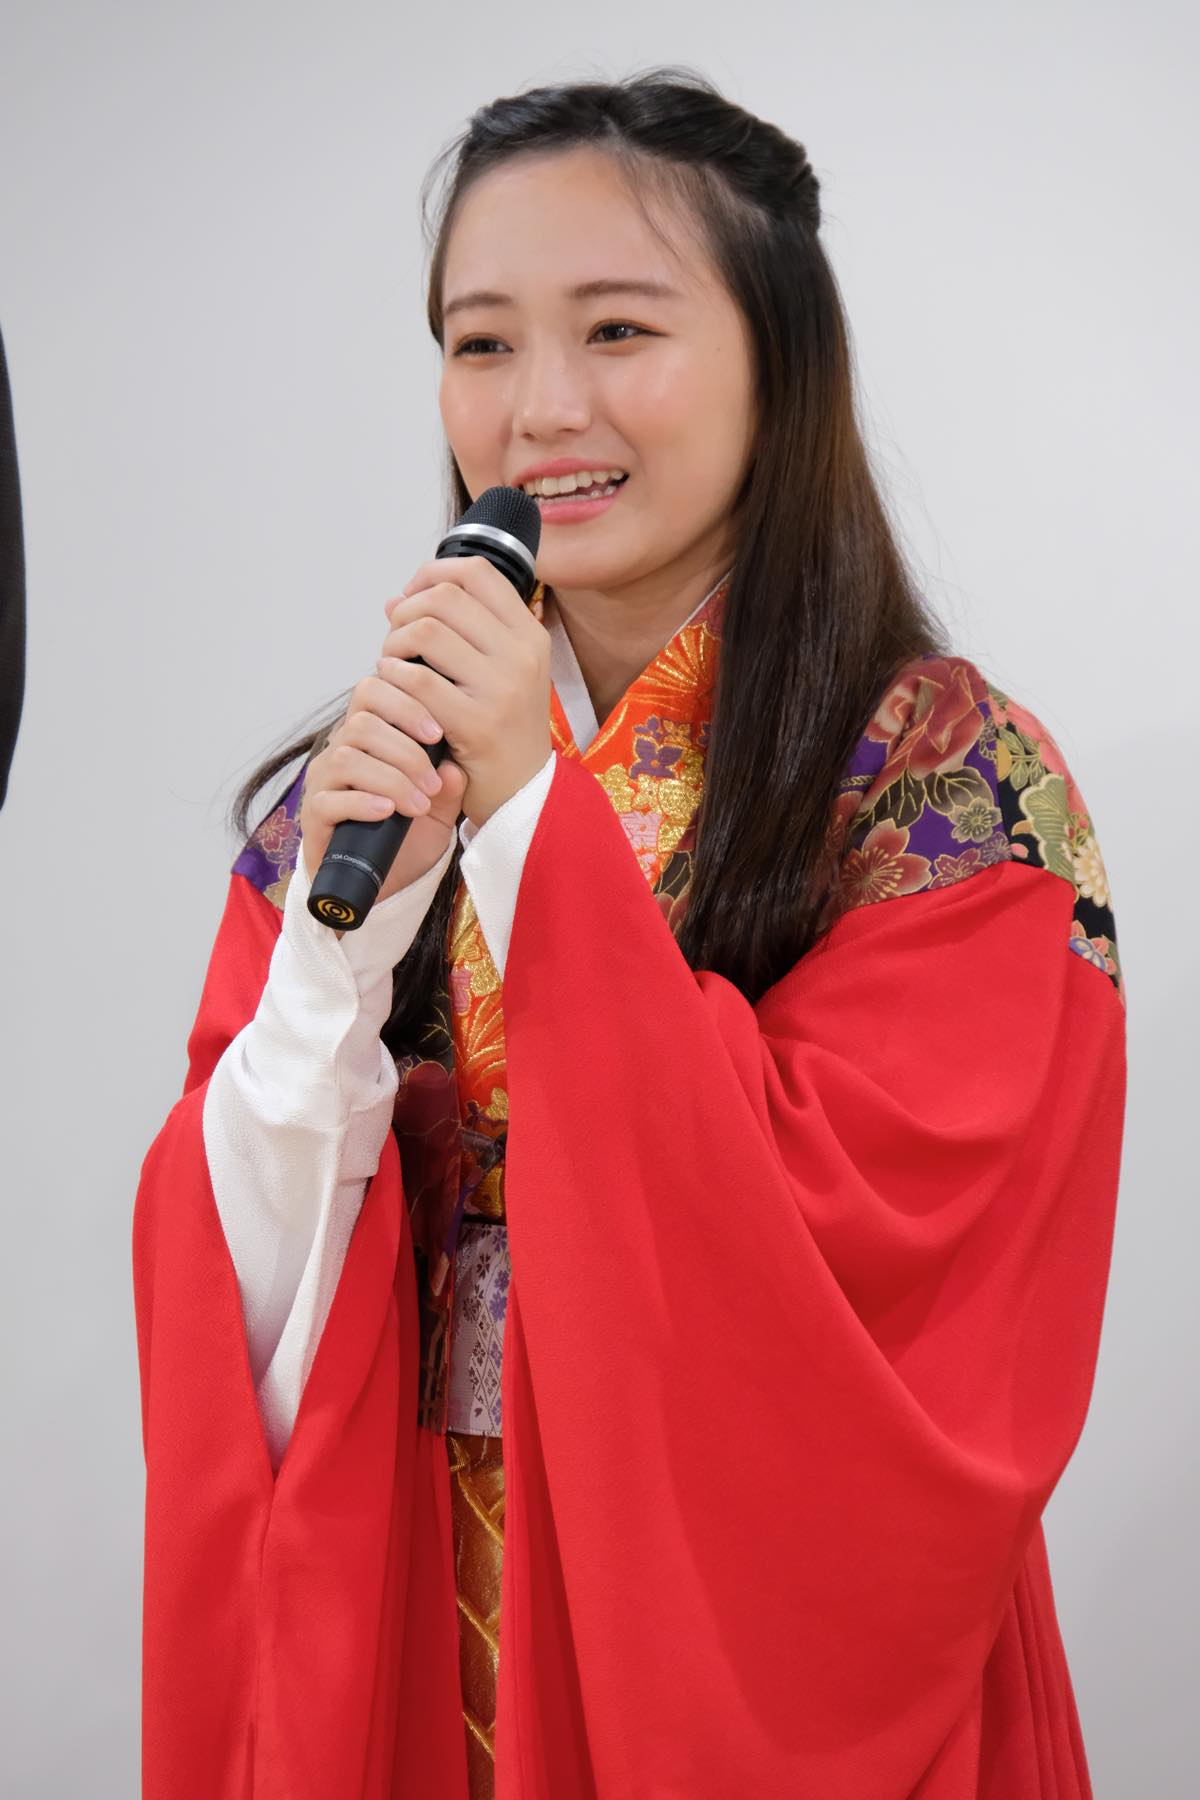 グラドル阿南萌花が時代劇公演『静の国物語』に挑戦!の画像001